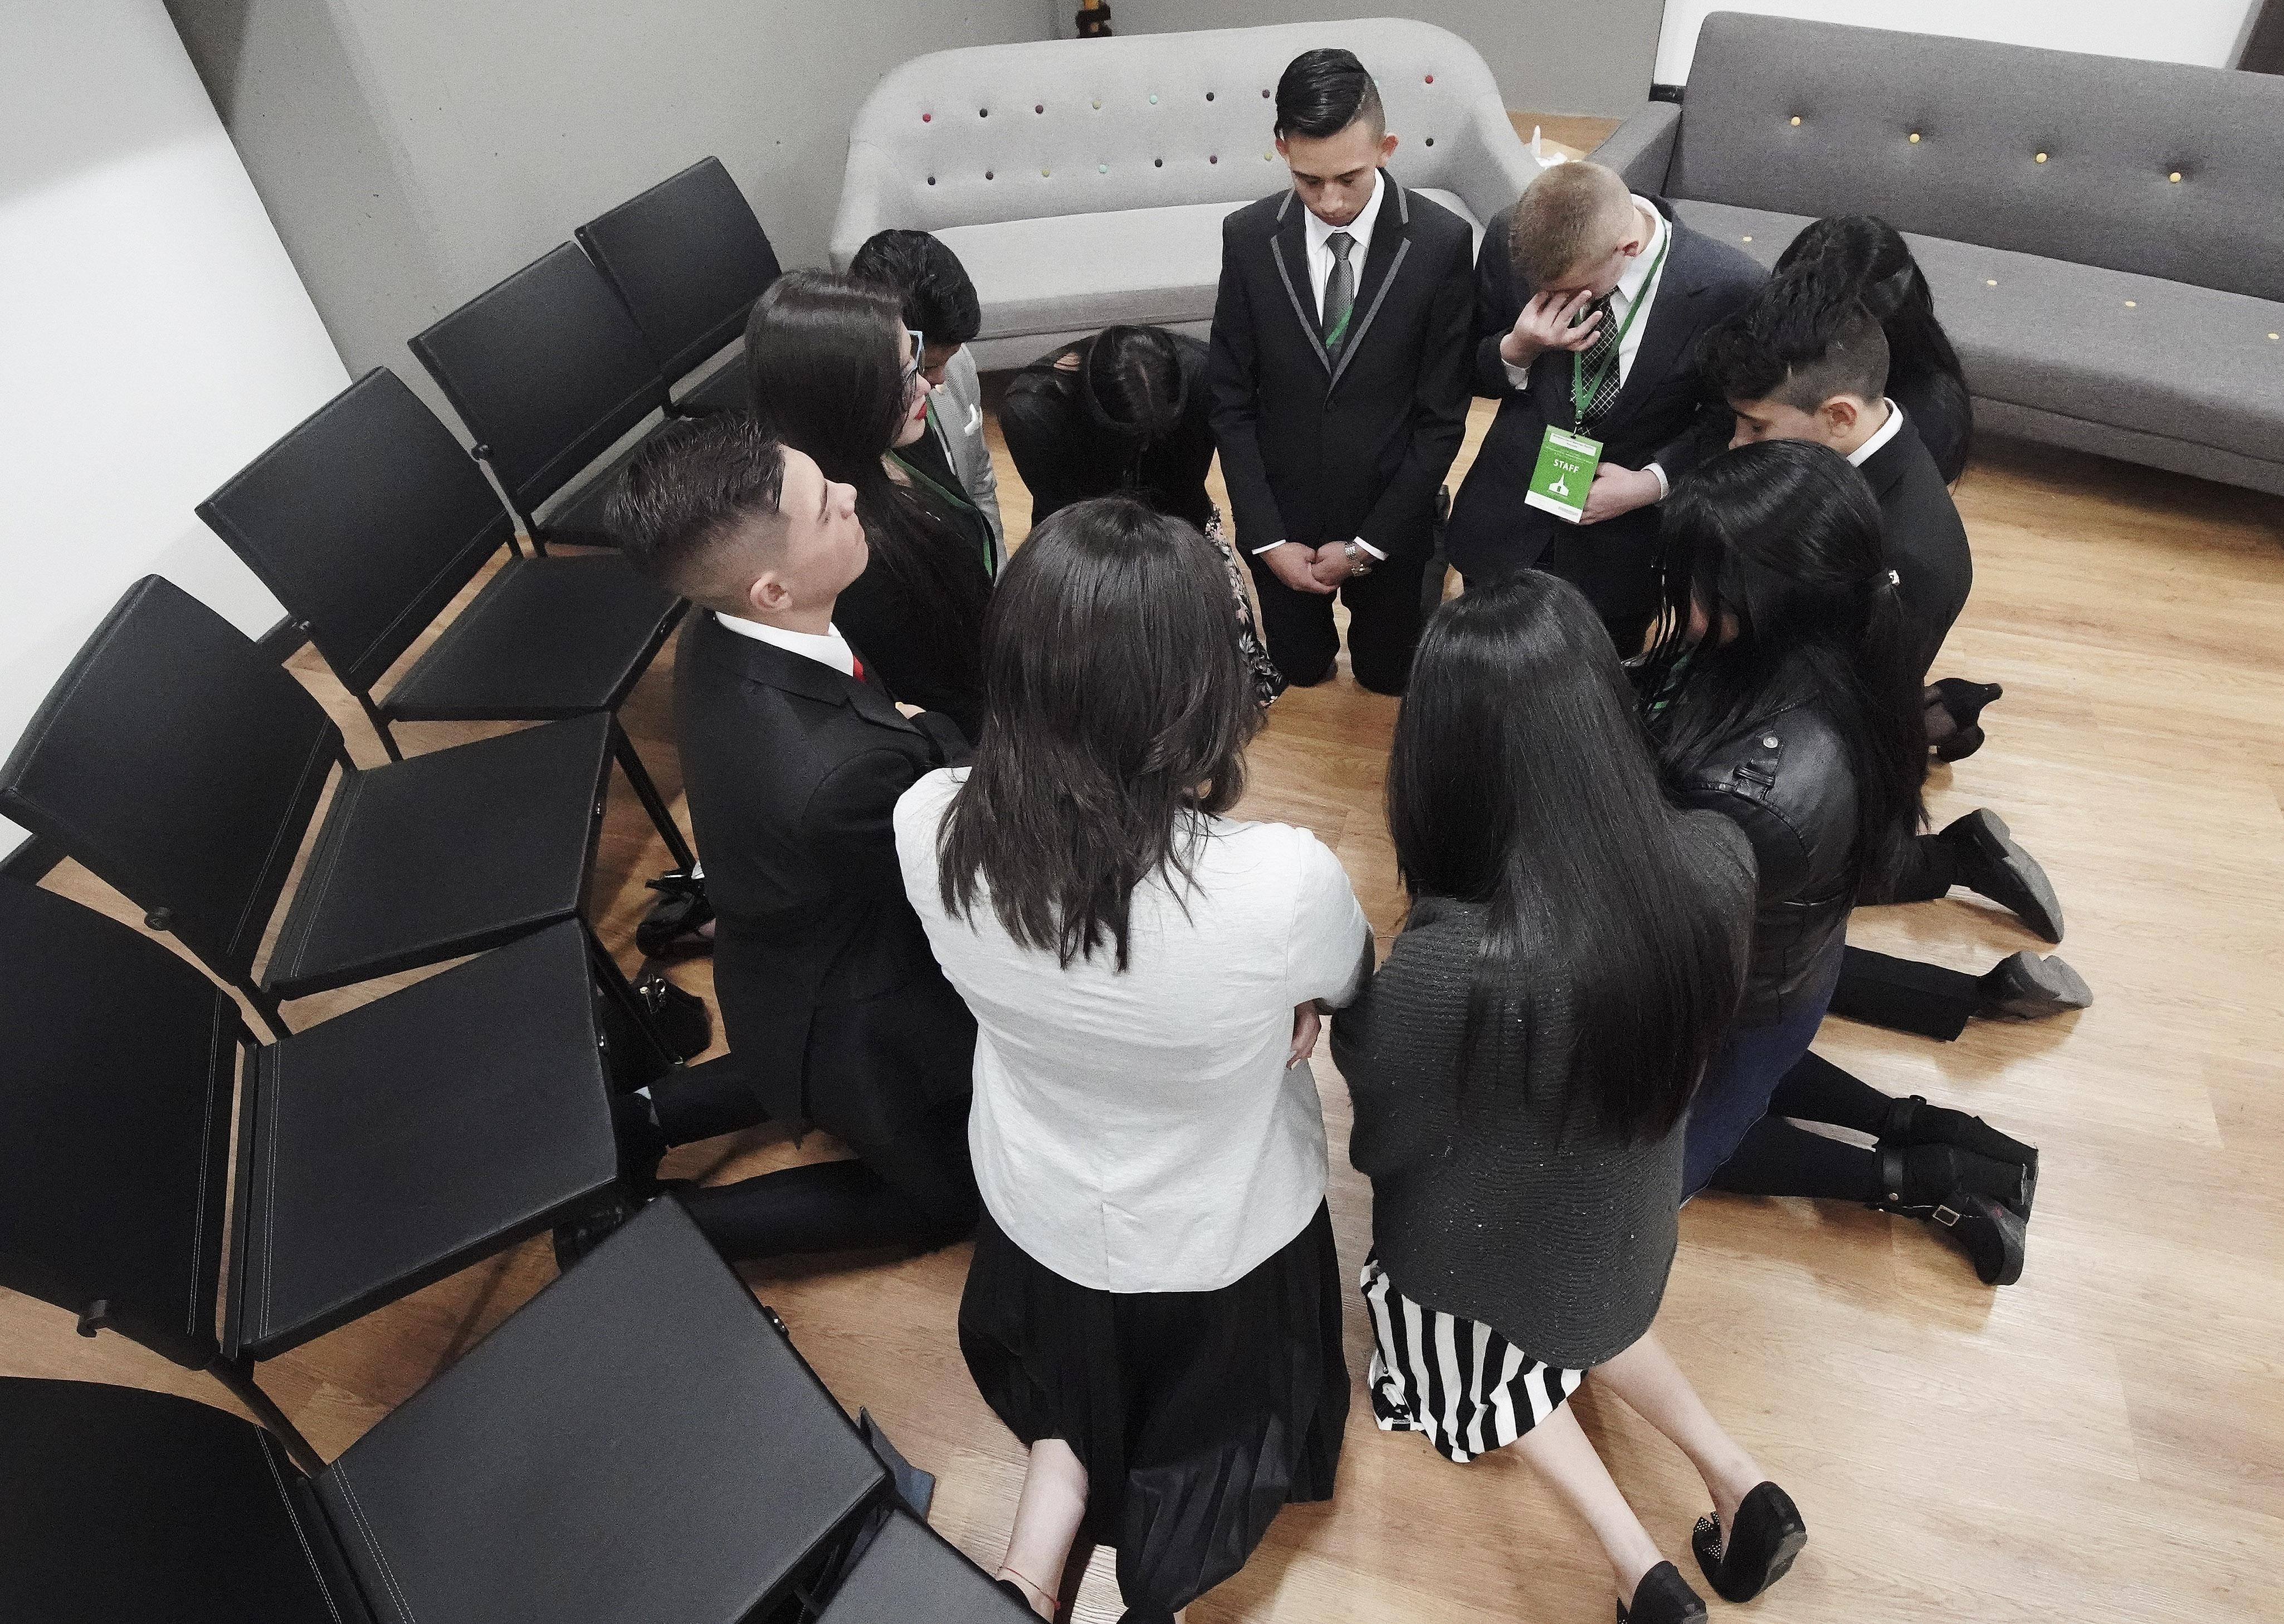 Los jóvenes asistentes oran antes de reunirse con el presidente Russell M. Nelson de La Iglesia de Jesucristo de los Santos de los Últimos Días en Bogotá, Colombia, el domingo 25 de agosto de 2019.